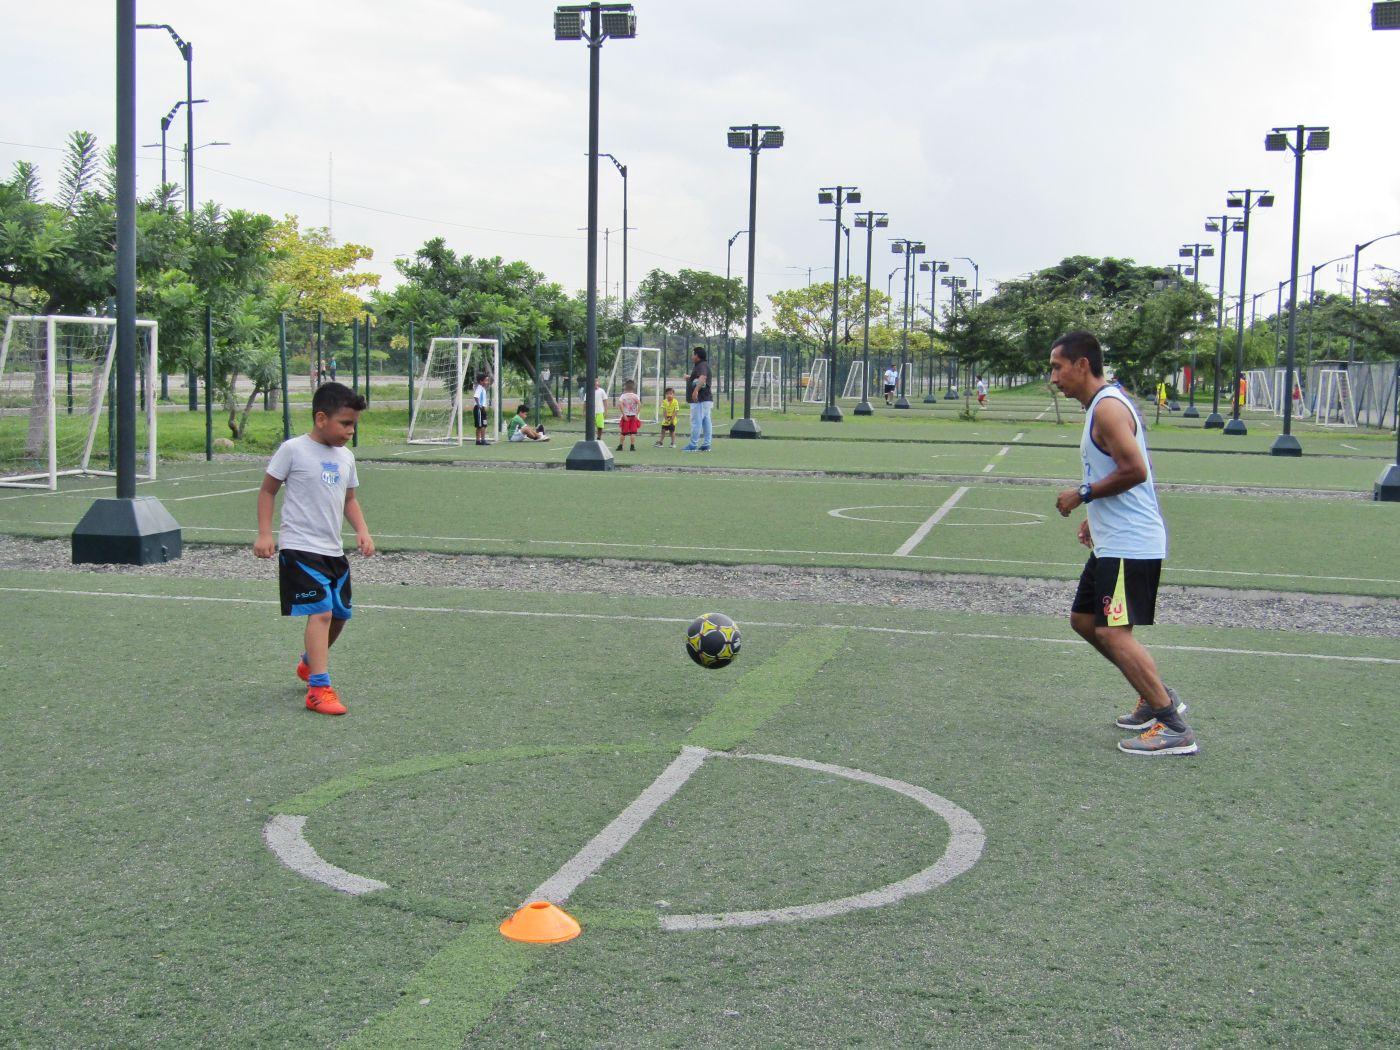 Deportes y artes son los vacacionales favoritos para chicos en Guayaquil